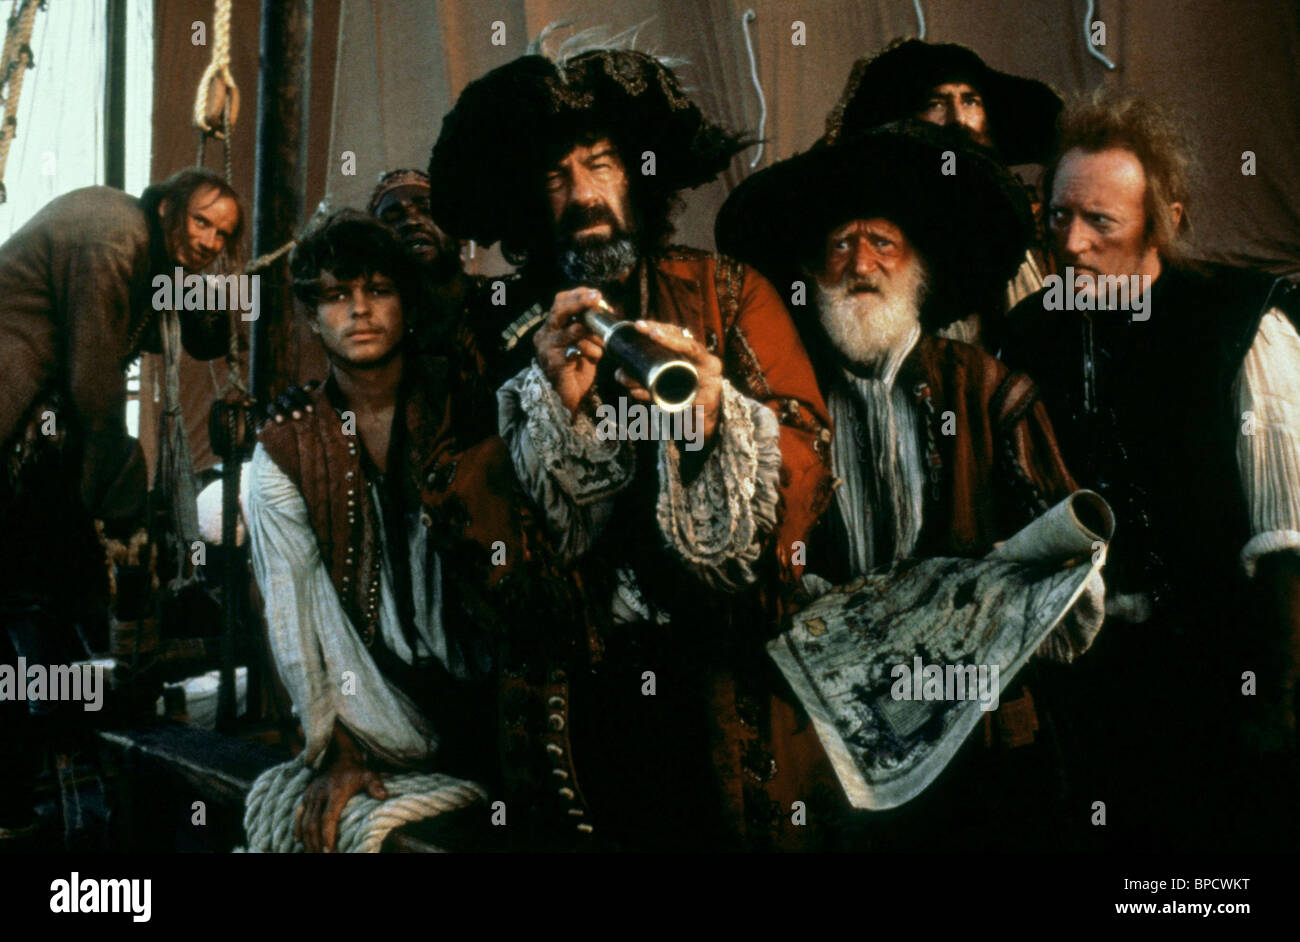 WALTER MATTHAU PIRATES (1986) - Stock Image